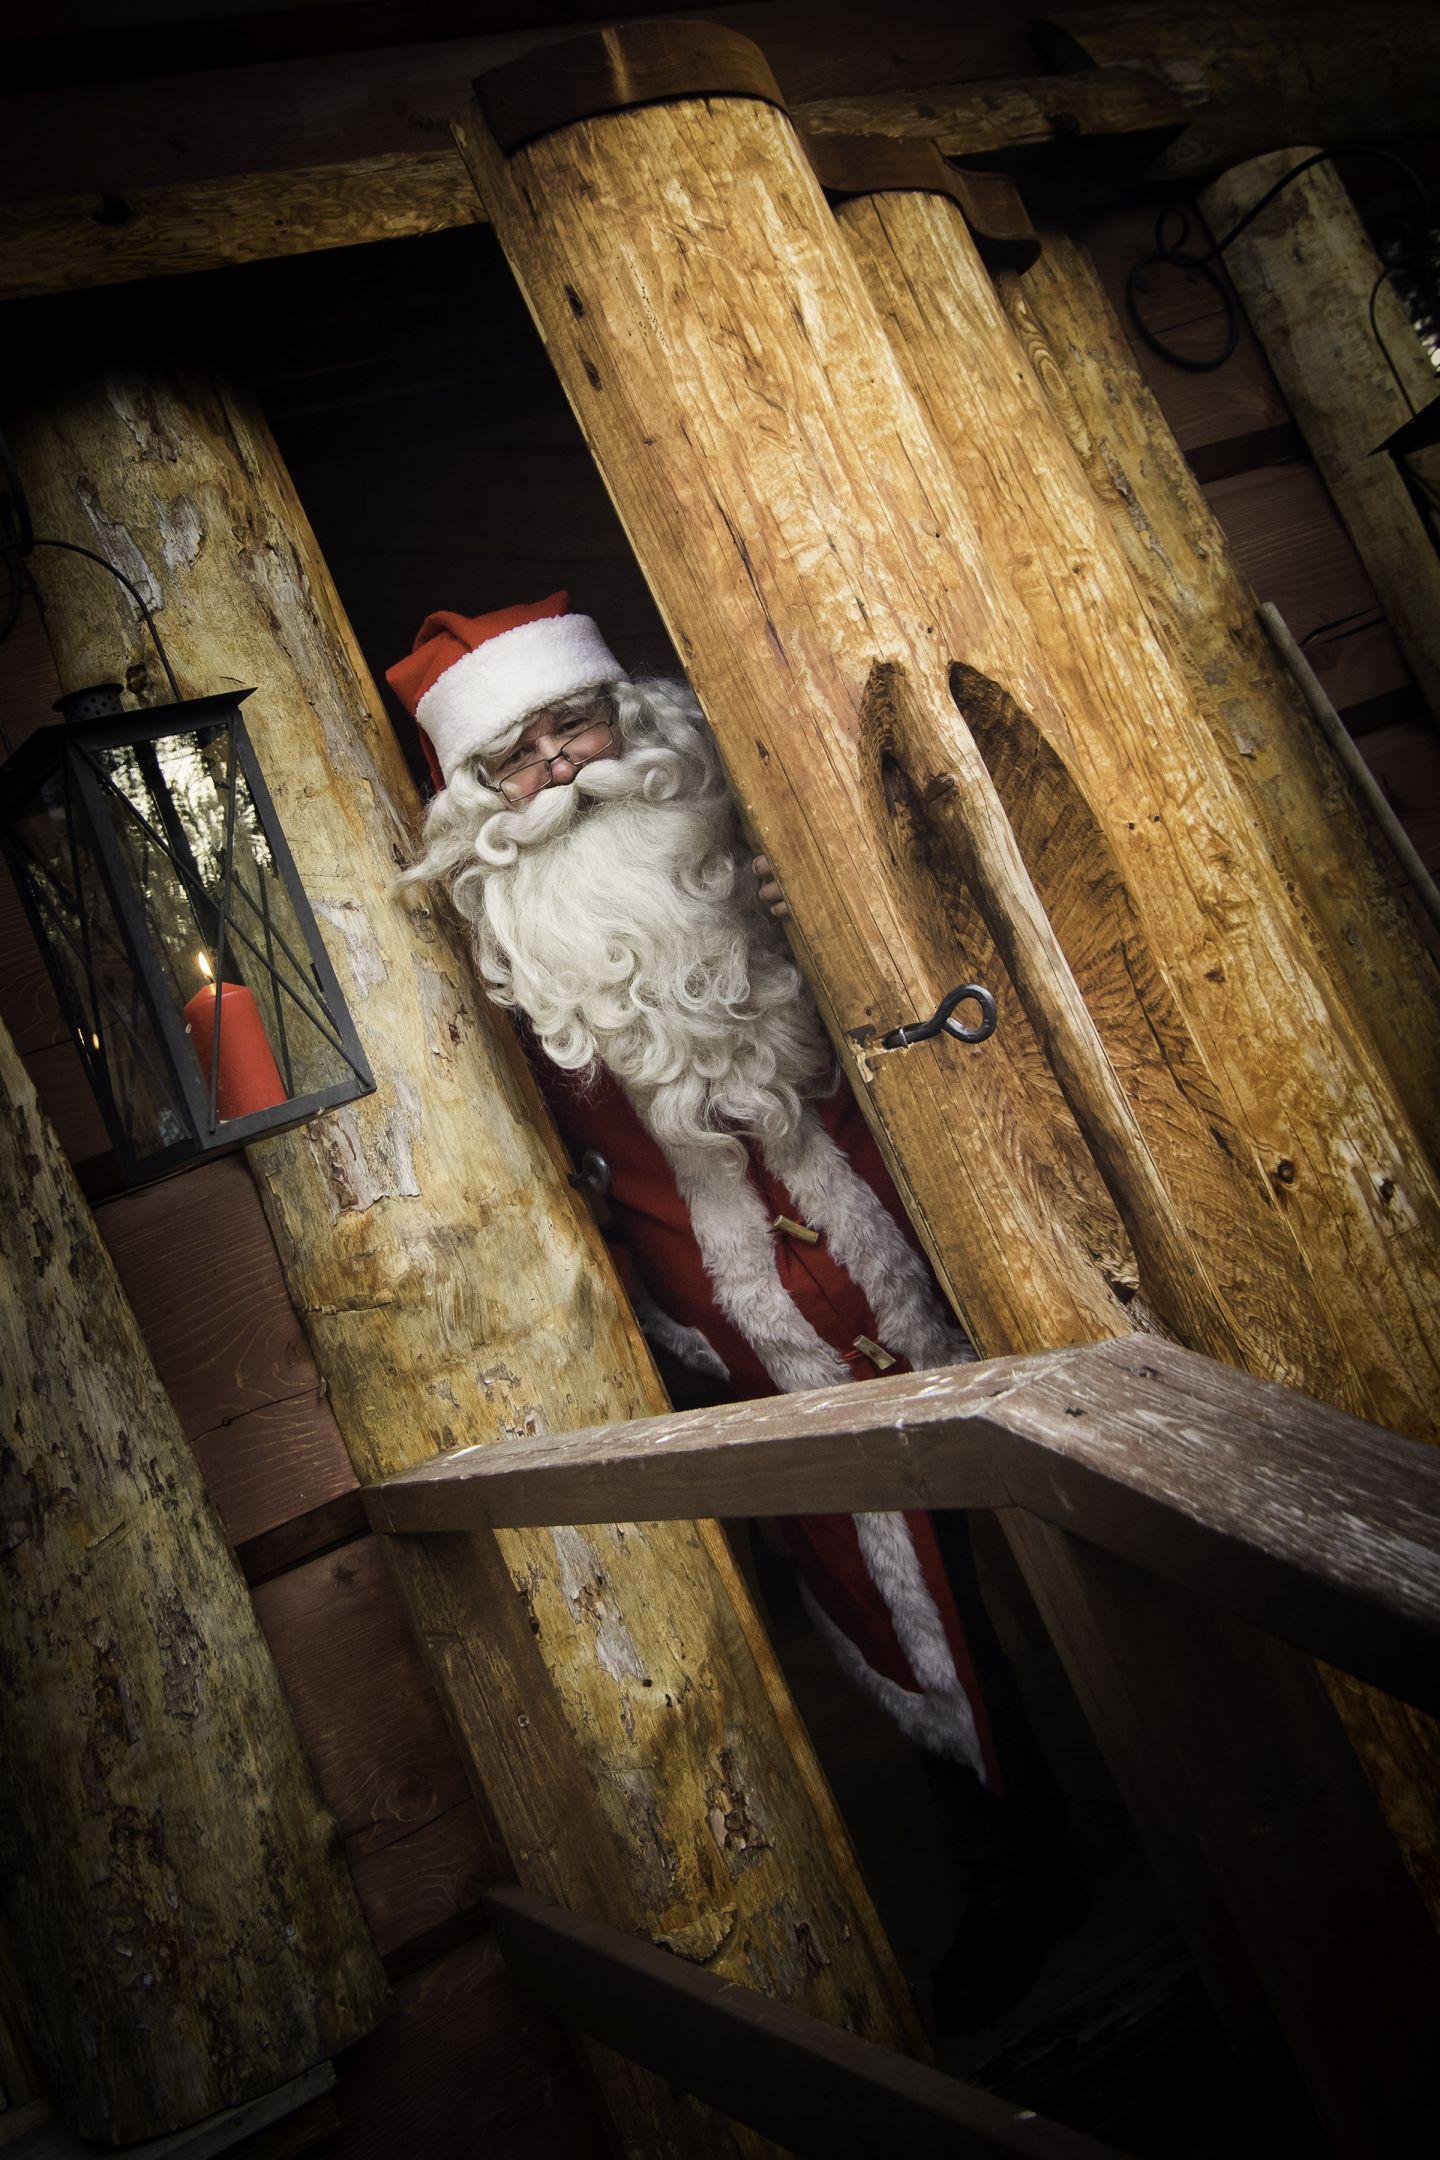 Santa Claus | film production services snowmobile